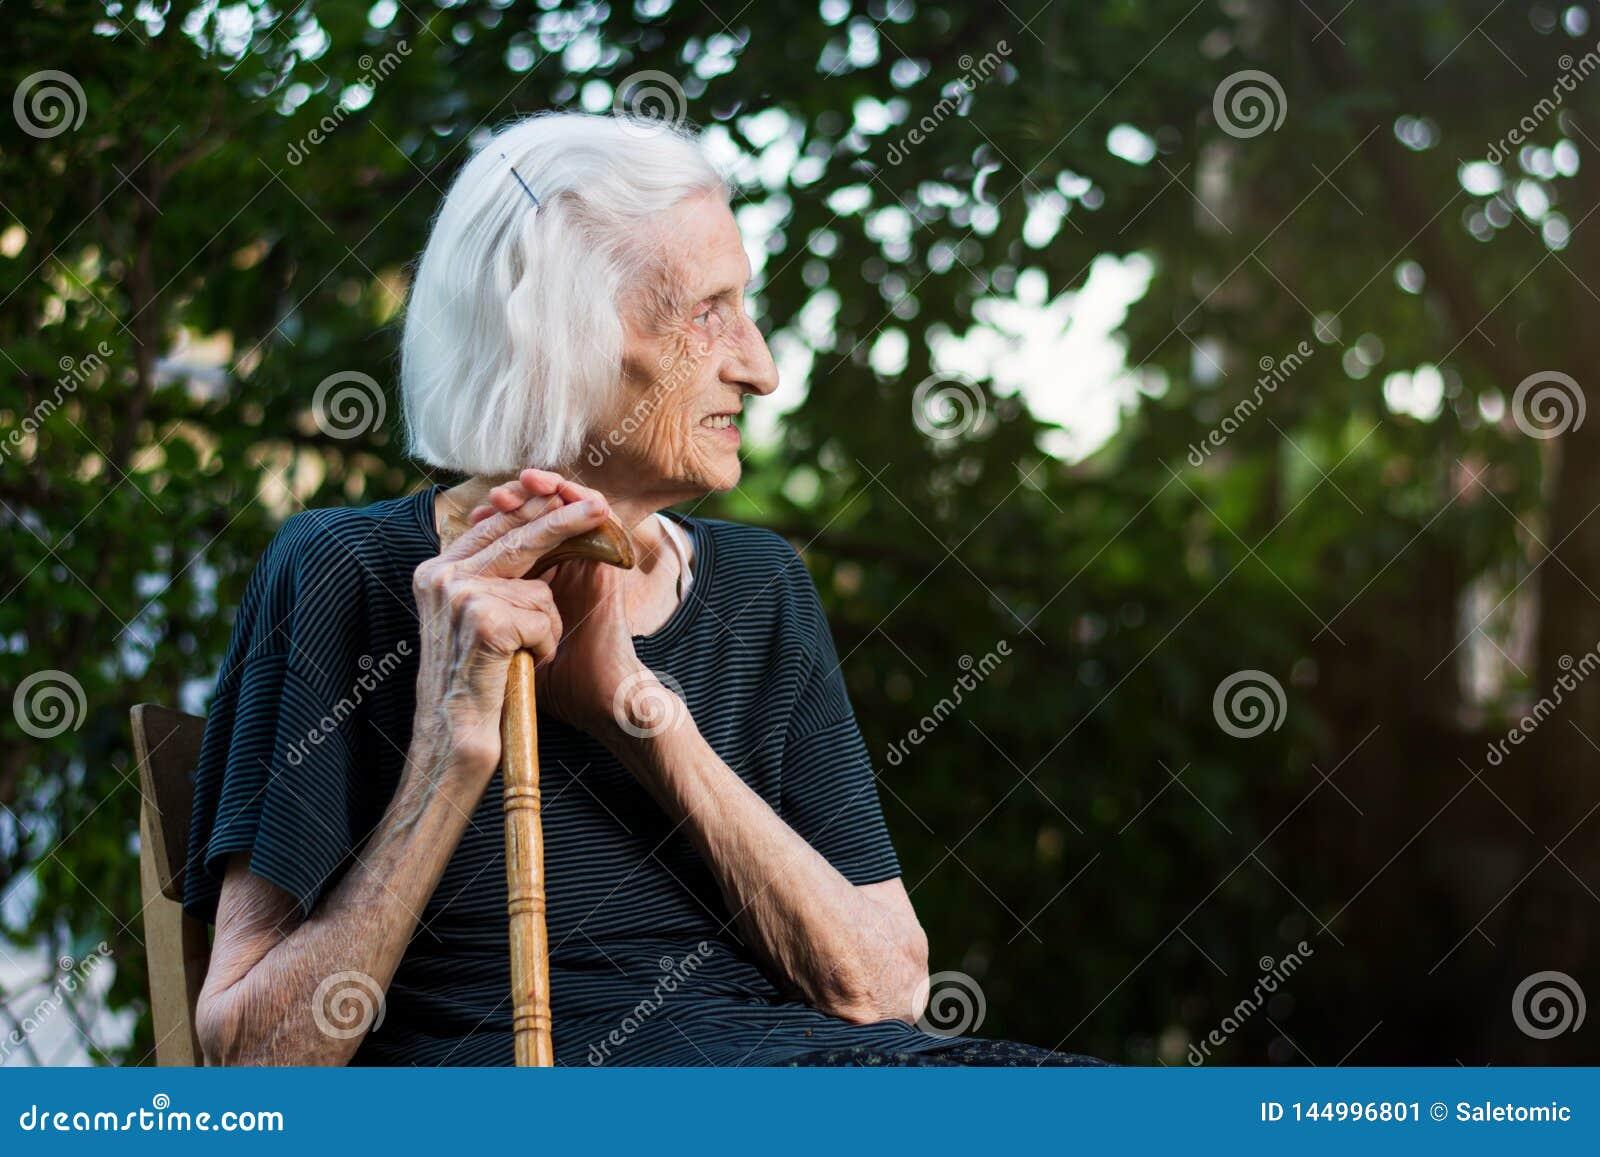 Retrato de una mujer mayor con un bastón que camina